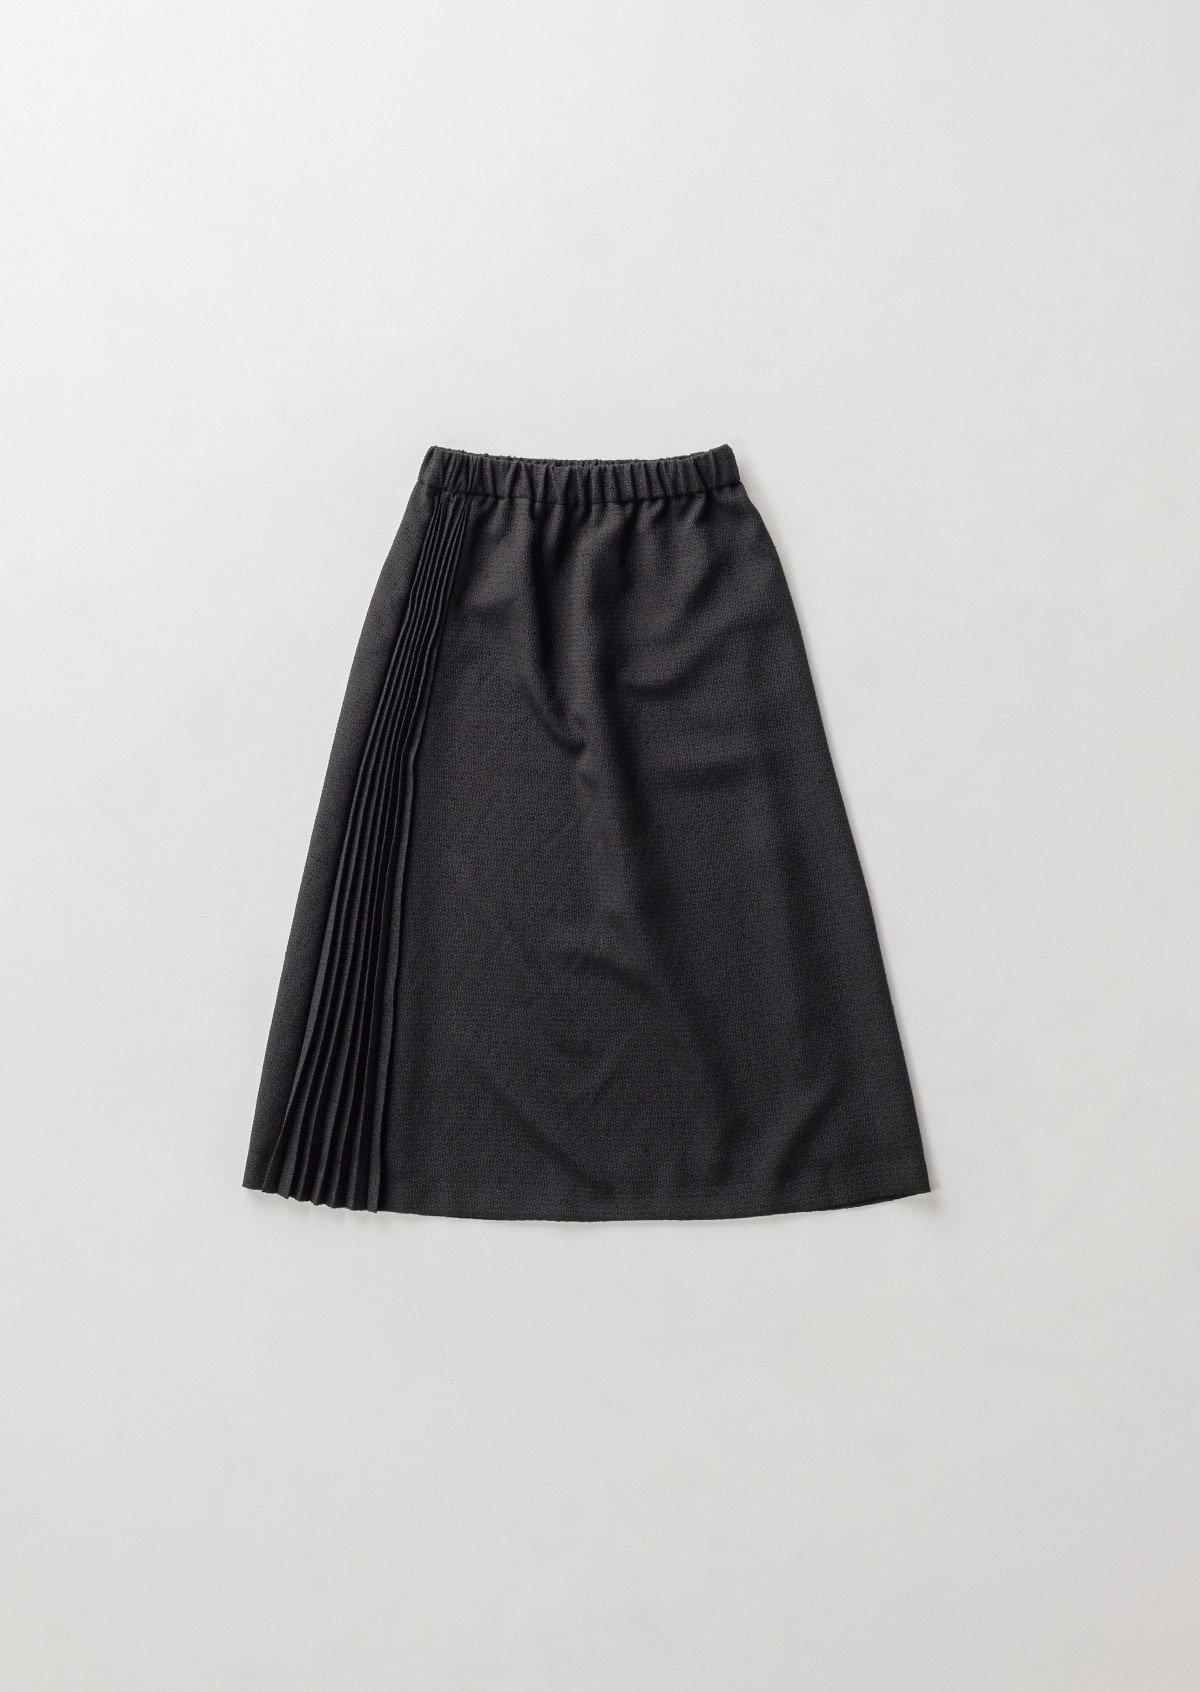 ブラックサイドプリーツスカート